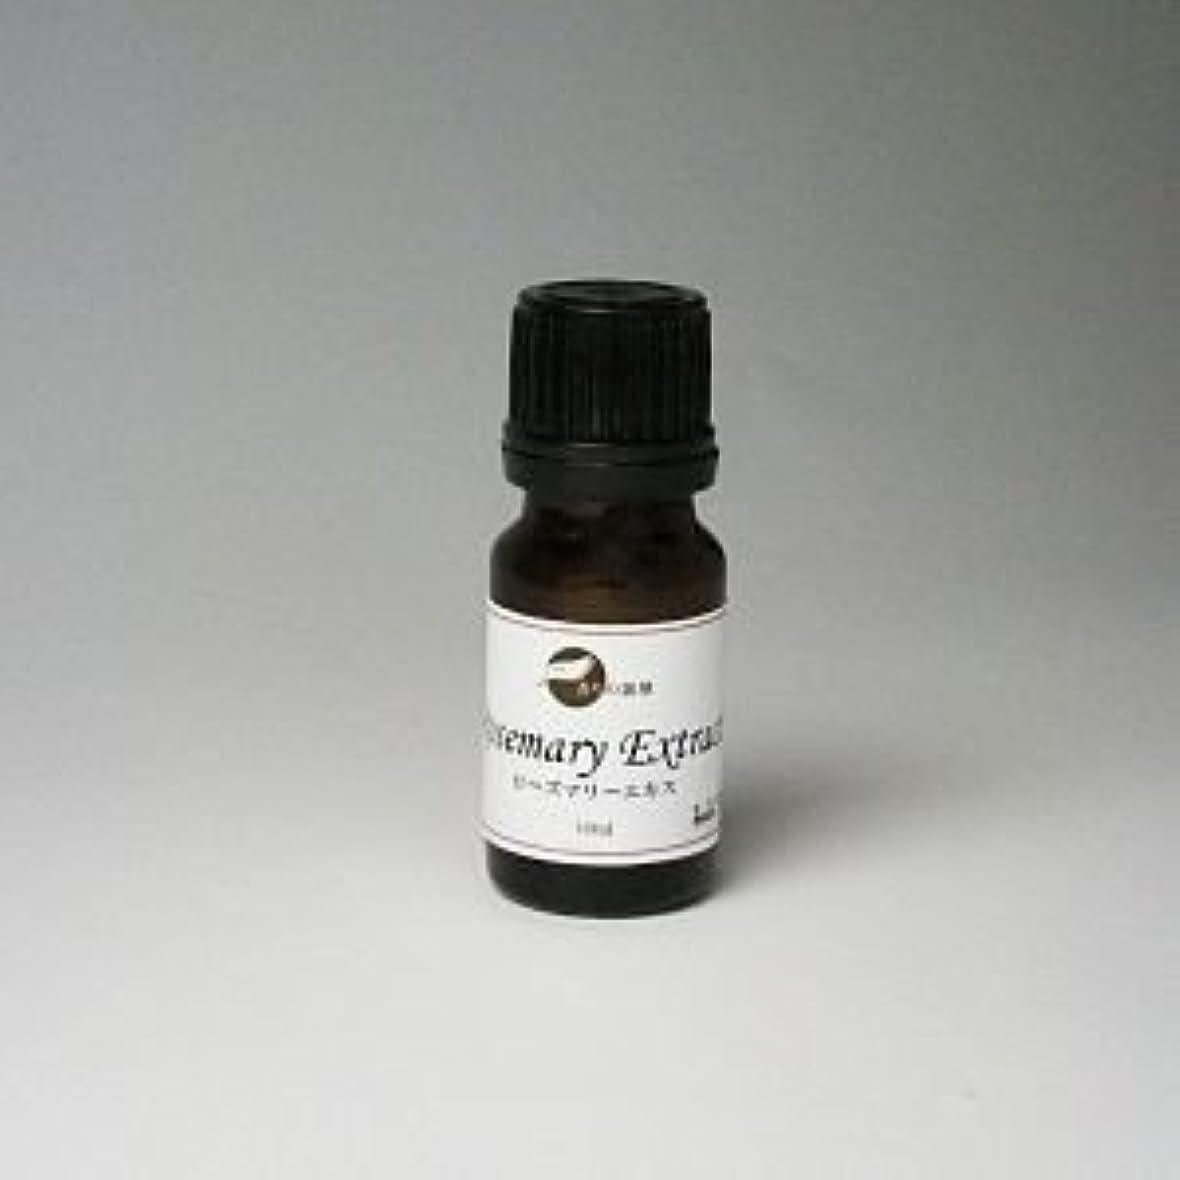 モジュールにやにや関与する[化粧品原料:天然保存料?酸化防止剤] 優れた抗酸化作用 ローズマリーエキス 10ml